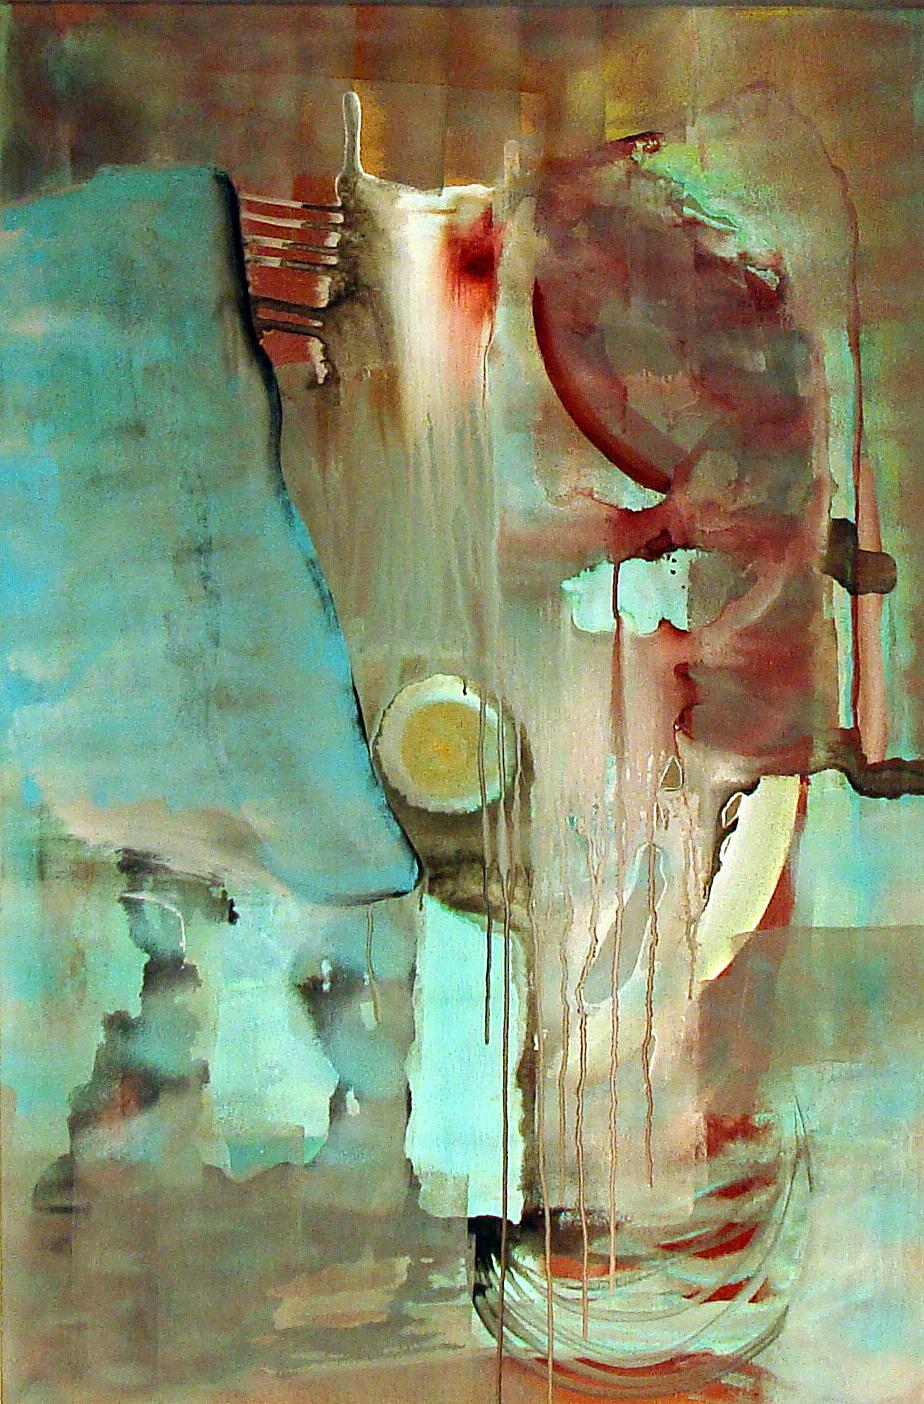 abstrakt, türkis, burgunder, rot, Malerei, Zeichentusche, gold, zart, elegant, Fließen, Fluss, Kunstsammlung, Kunstsammler, braun, Hochformat, Hamburg, Künstlerin